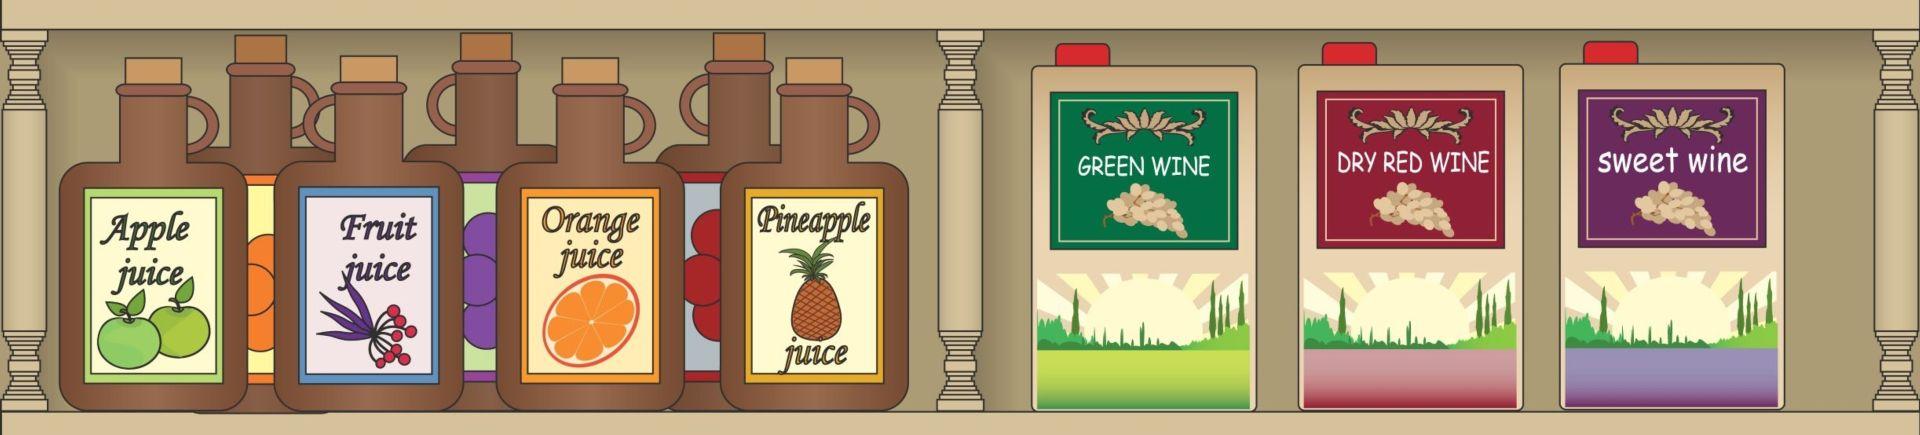 food packaging safer